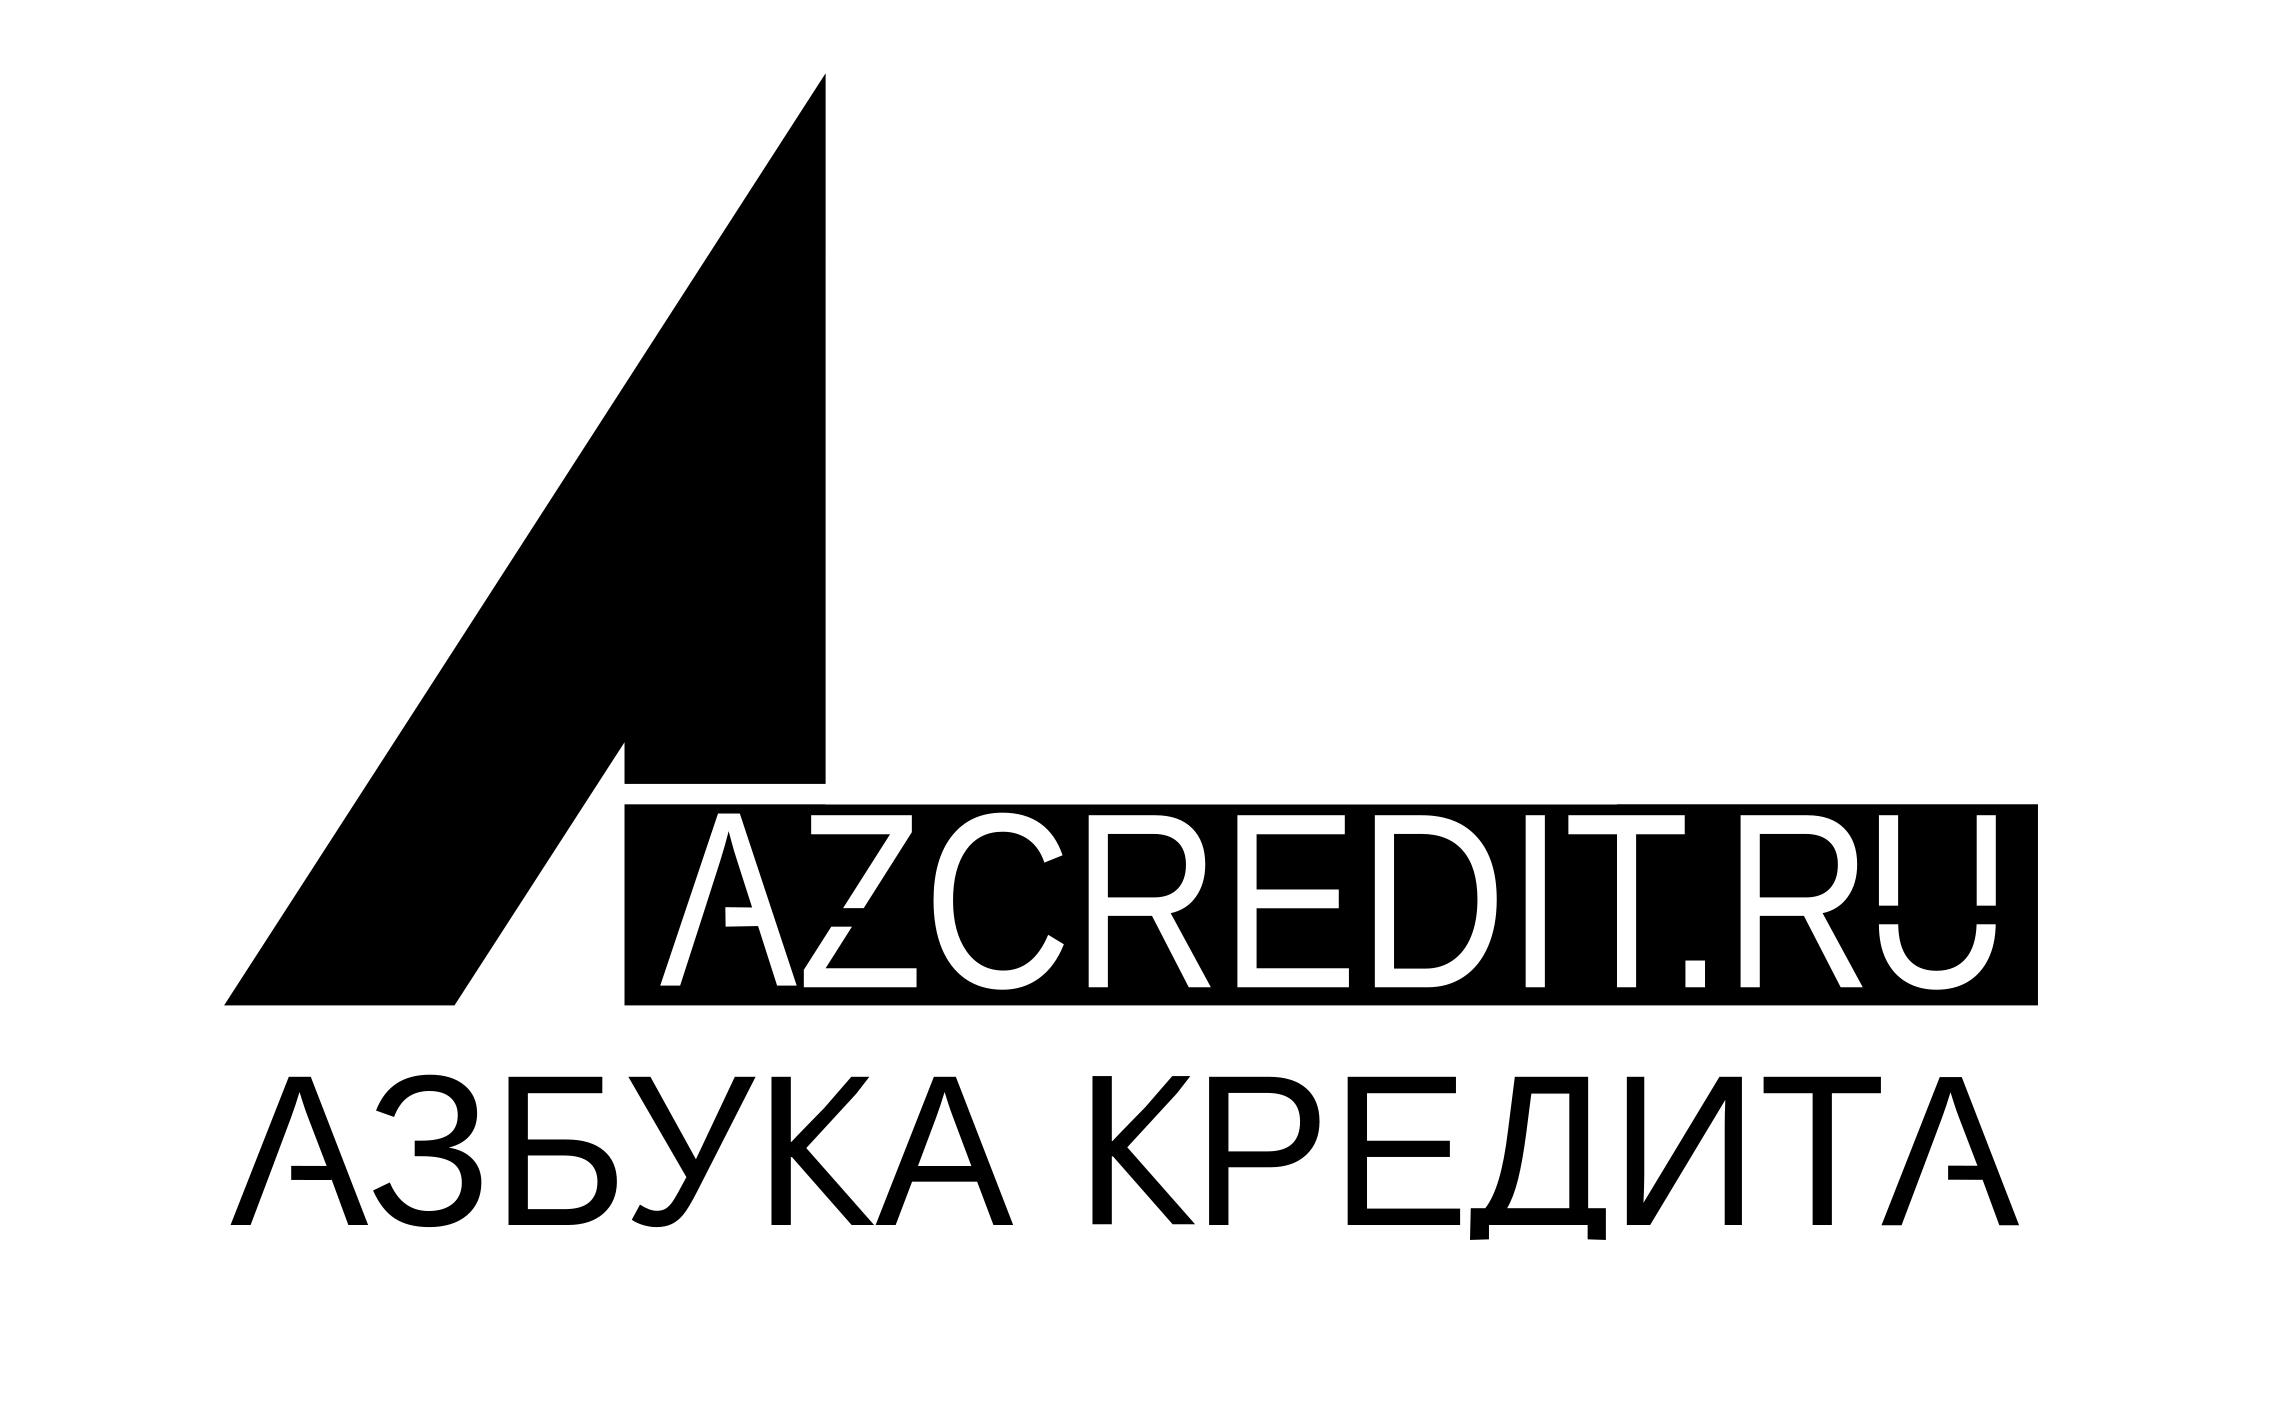 Разработать логотип для финансовой компании фото f_6245def9ebd0f7b4.png